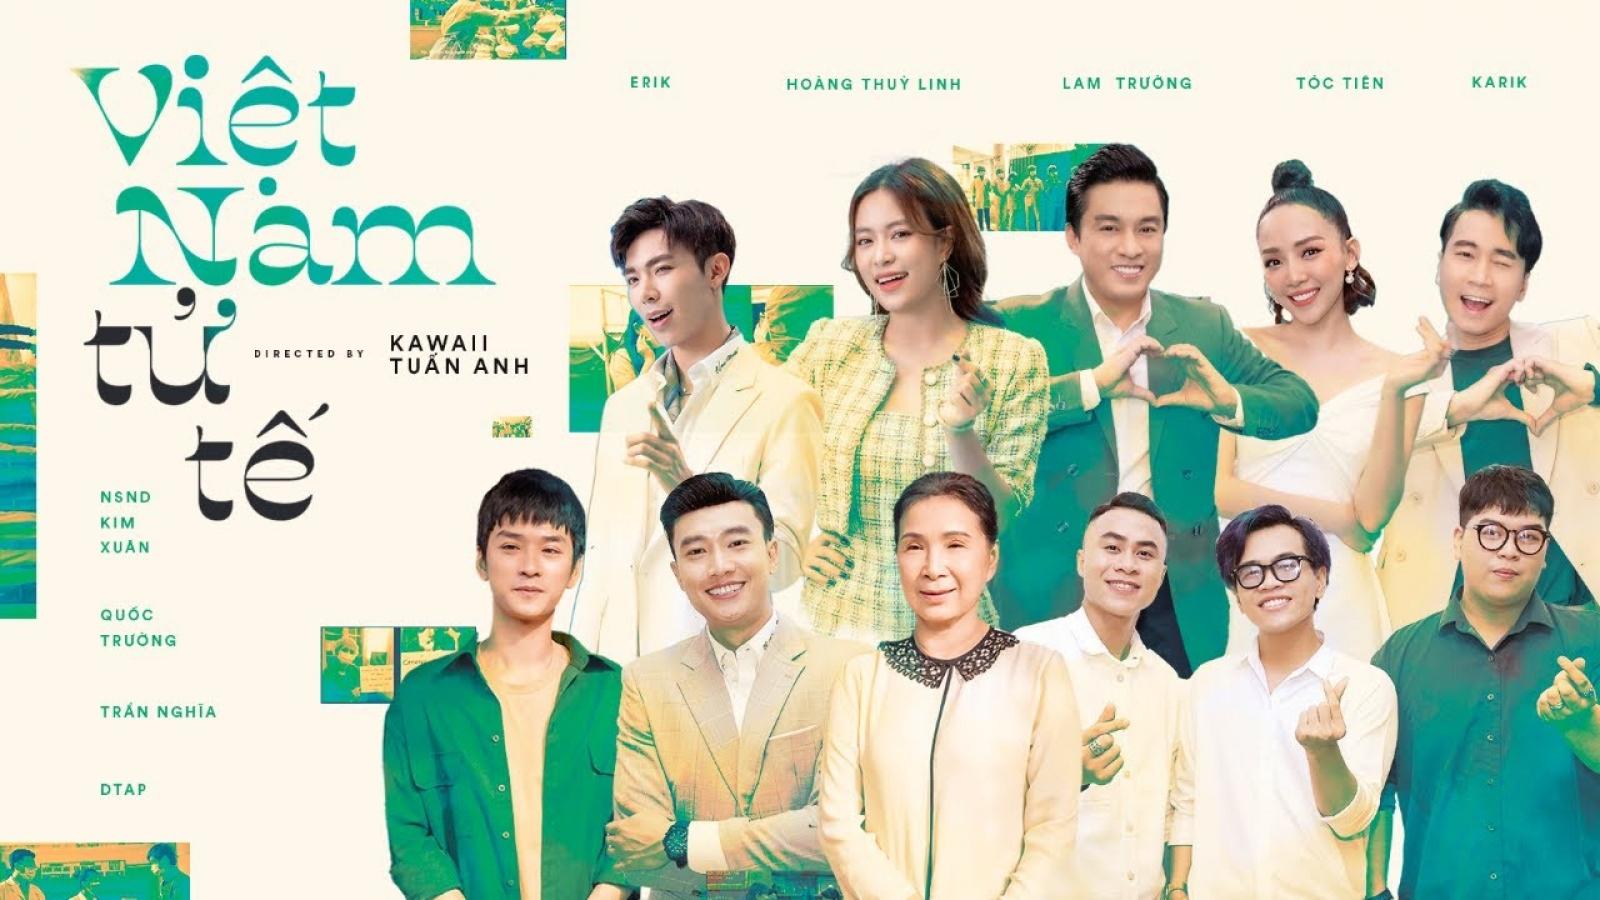 """Hoàng Thuỳ Linh, Tóc Tiên, Quốc Trường tham gia MV """"Việt Nam tử tế"""""""